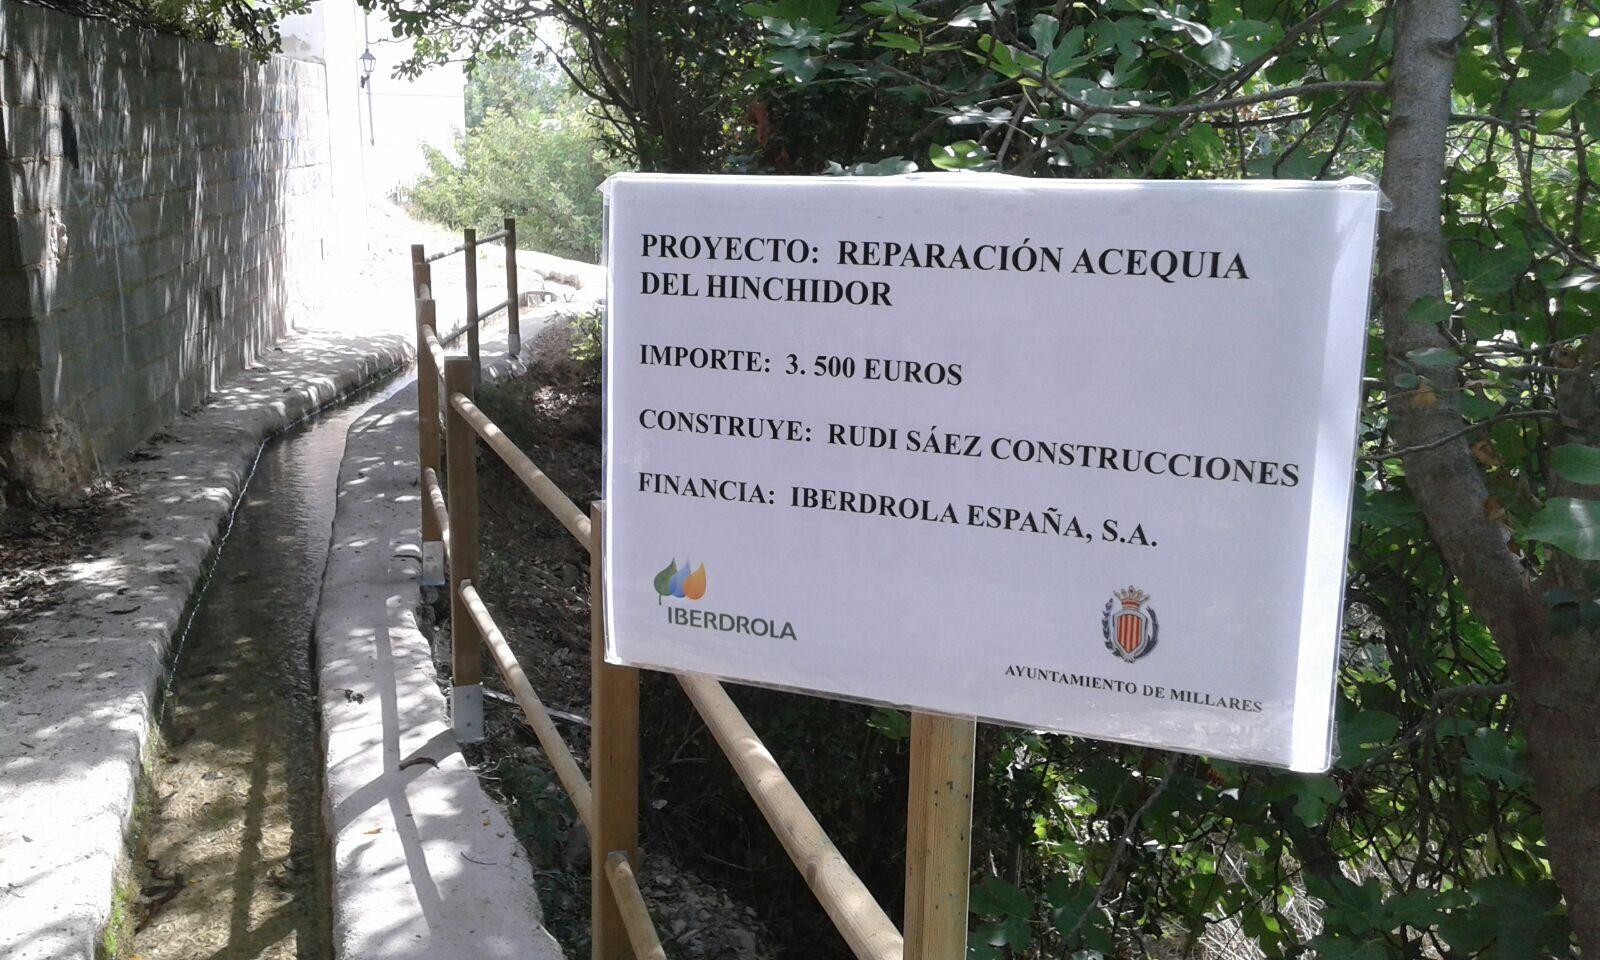 La inversión de los trabajos en la acequia asciende a 3.5000 euros.